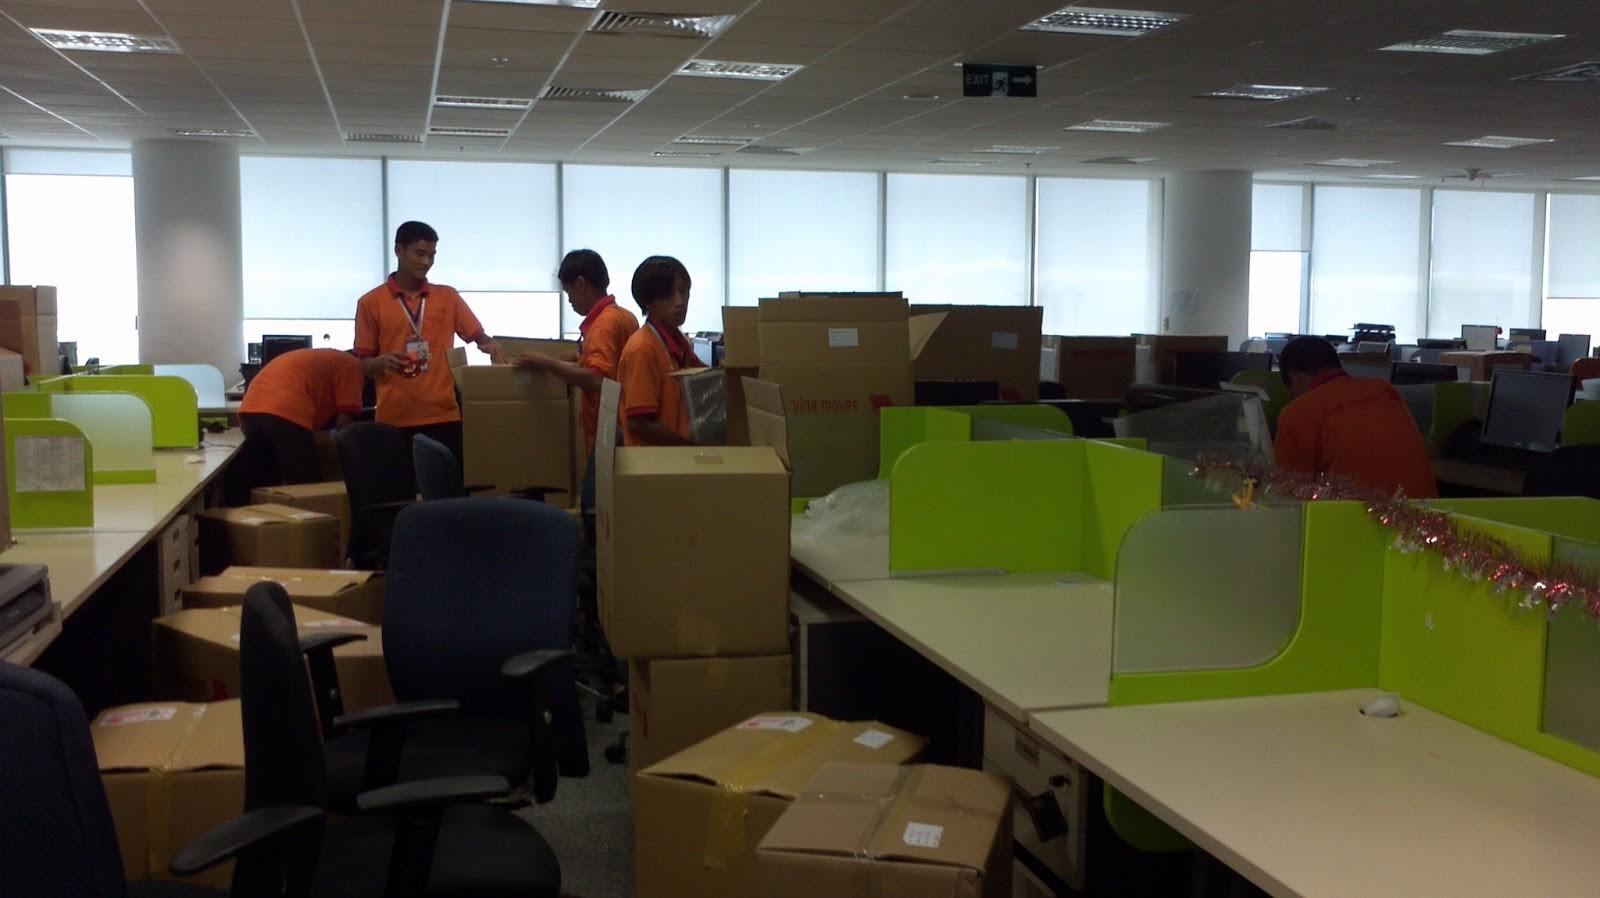 Các nhân viên dịch vụ vận chuyển văn phòng trọn gói tphcm đang thu dọn văn phòng